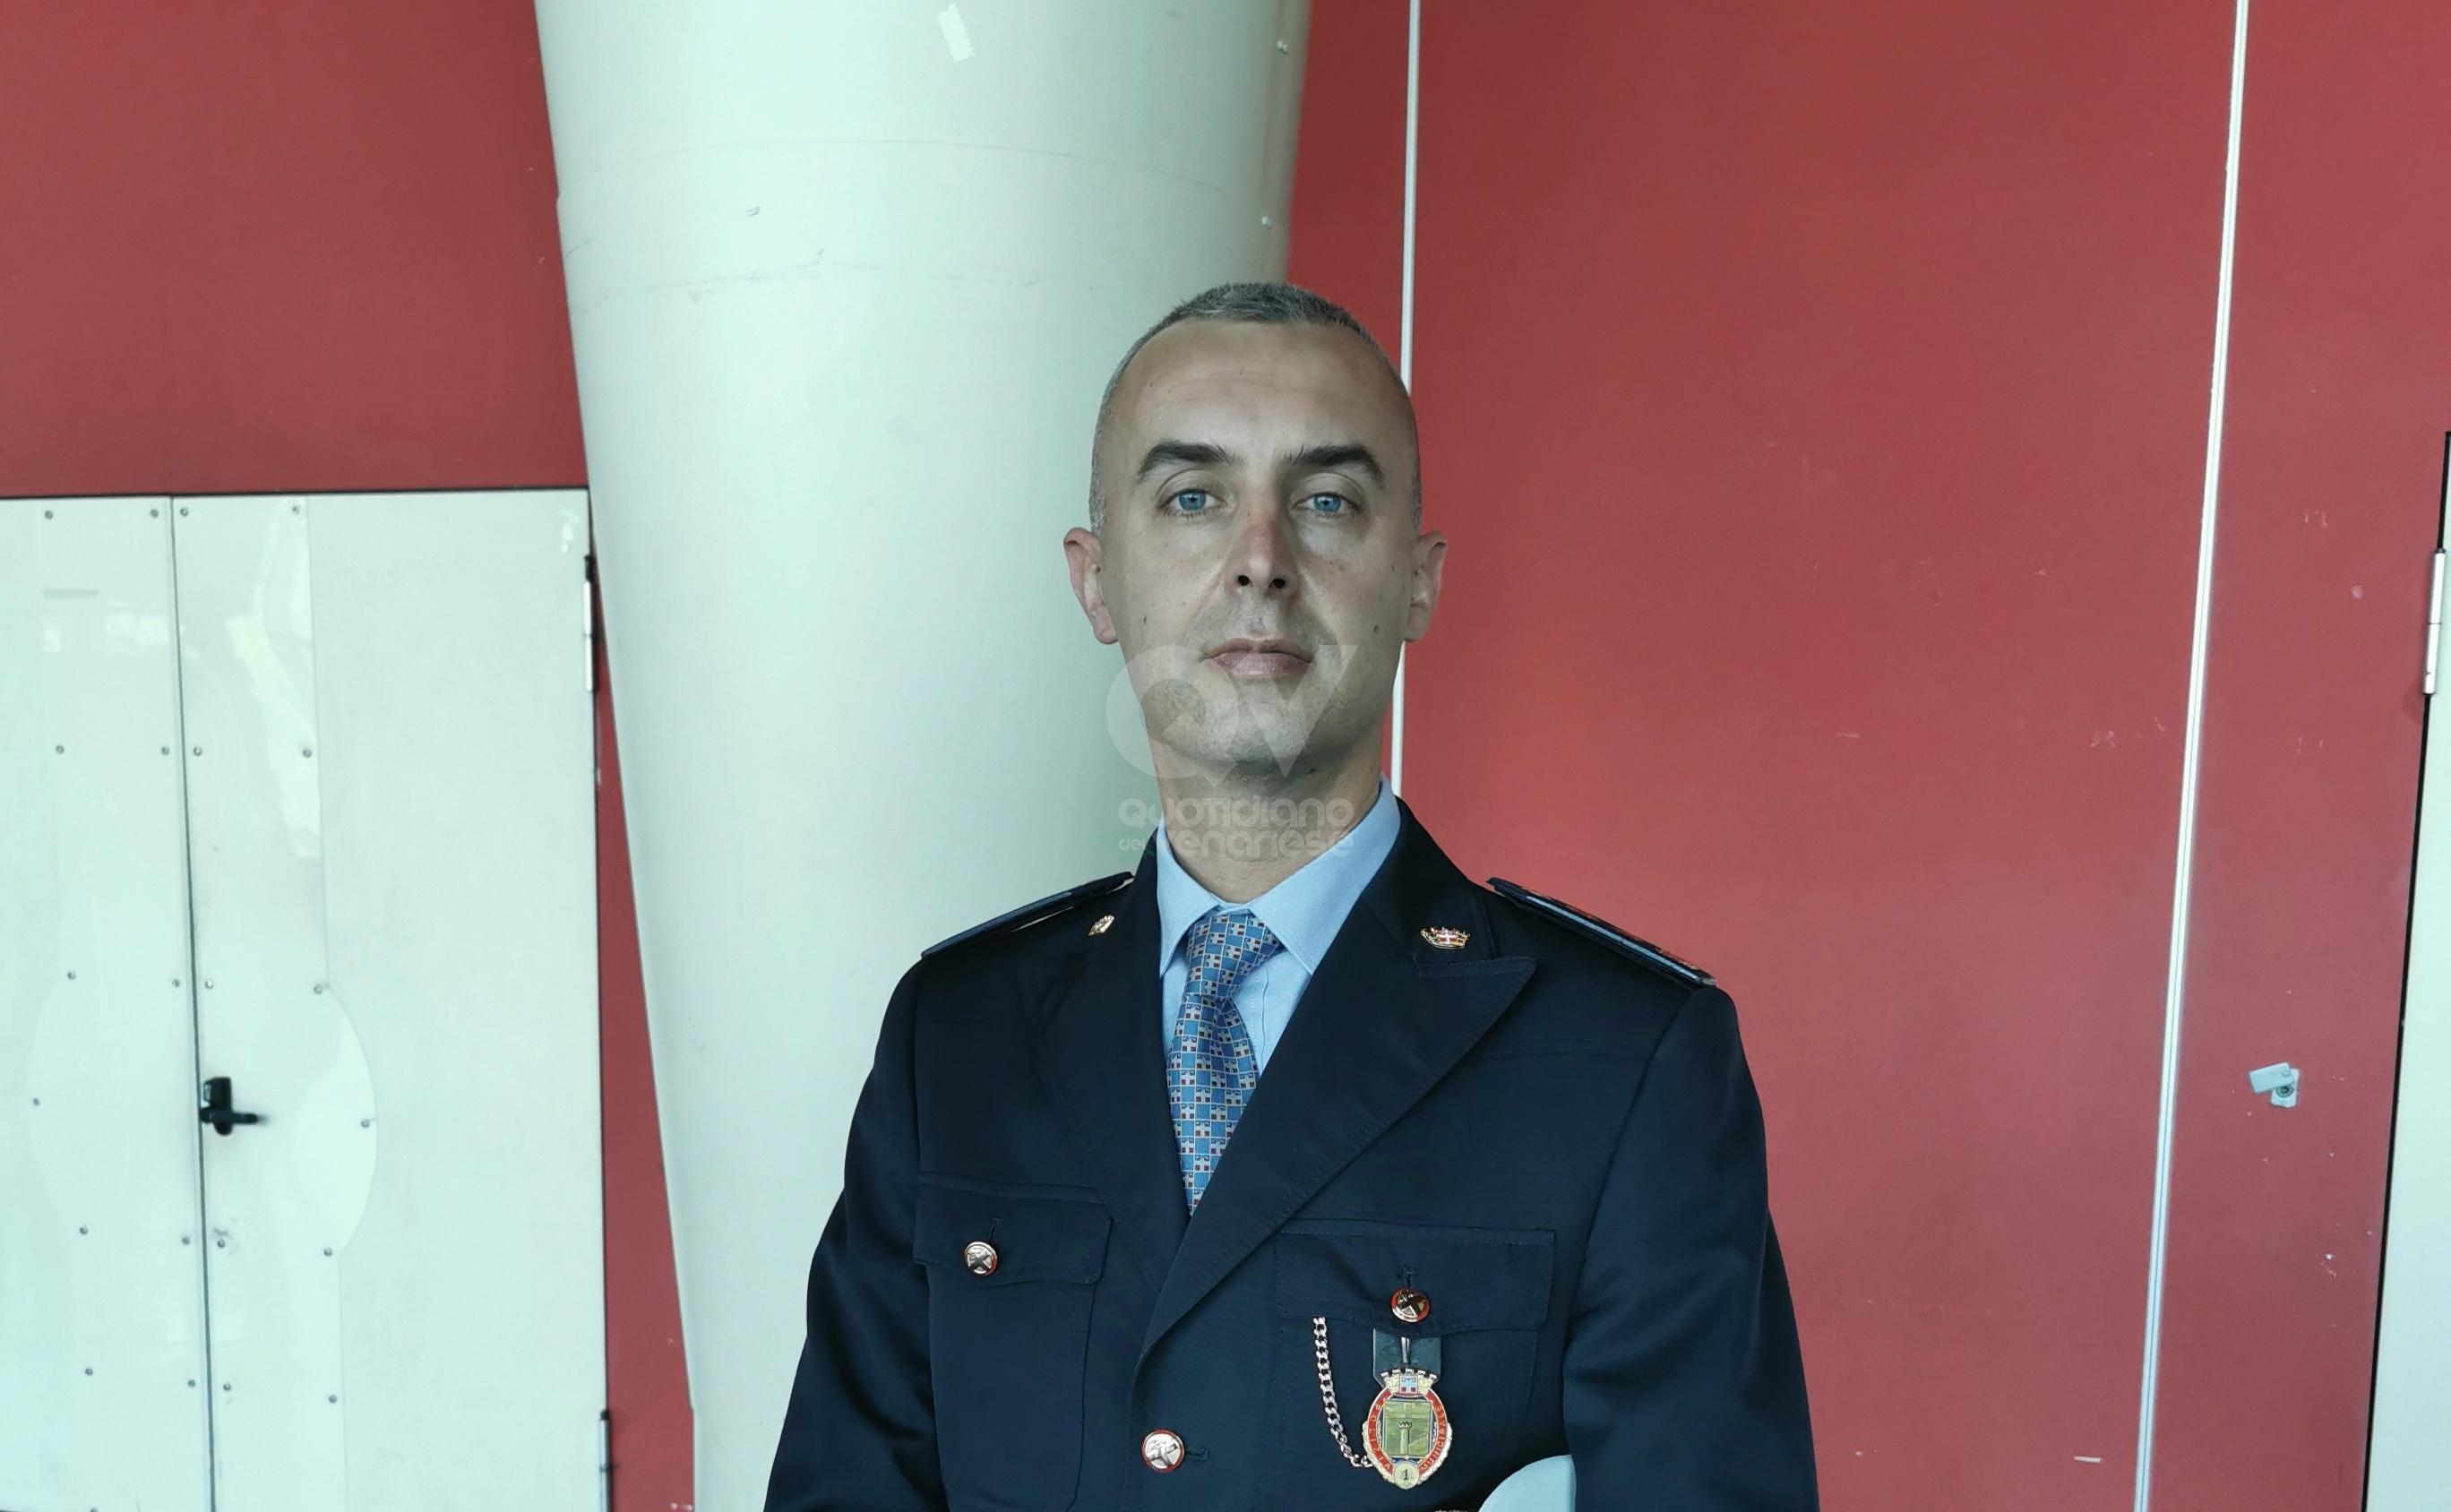 VENARIA - Alberto Pizzocaro è il nuovo comandante della polizia locale